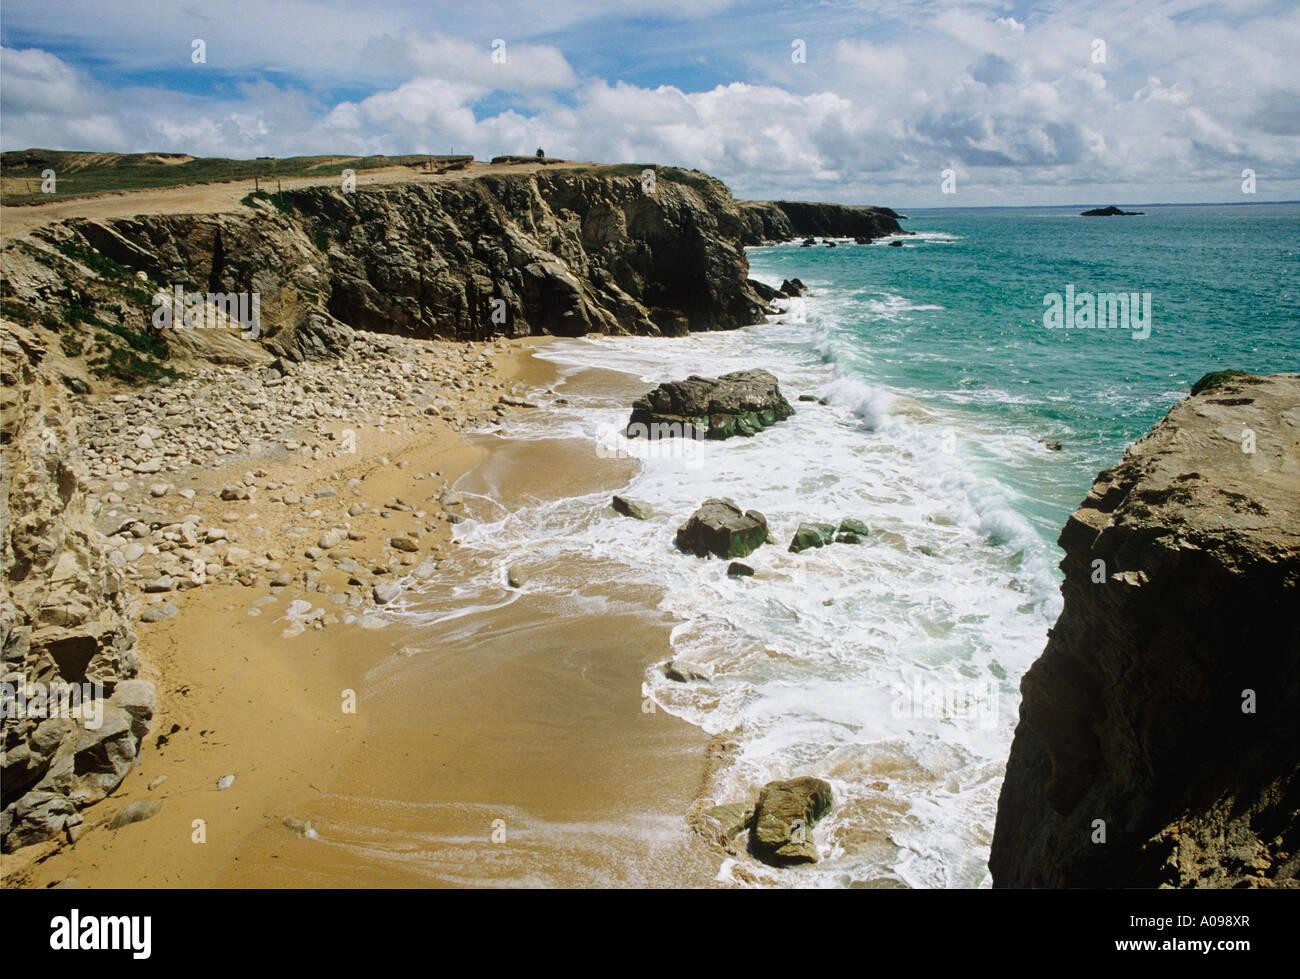 Cote Sauvage selvaggia costa occidentale della penisola di Quiberon a sud di Carnac Brittany Immagini Stock